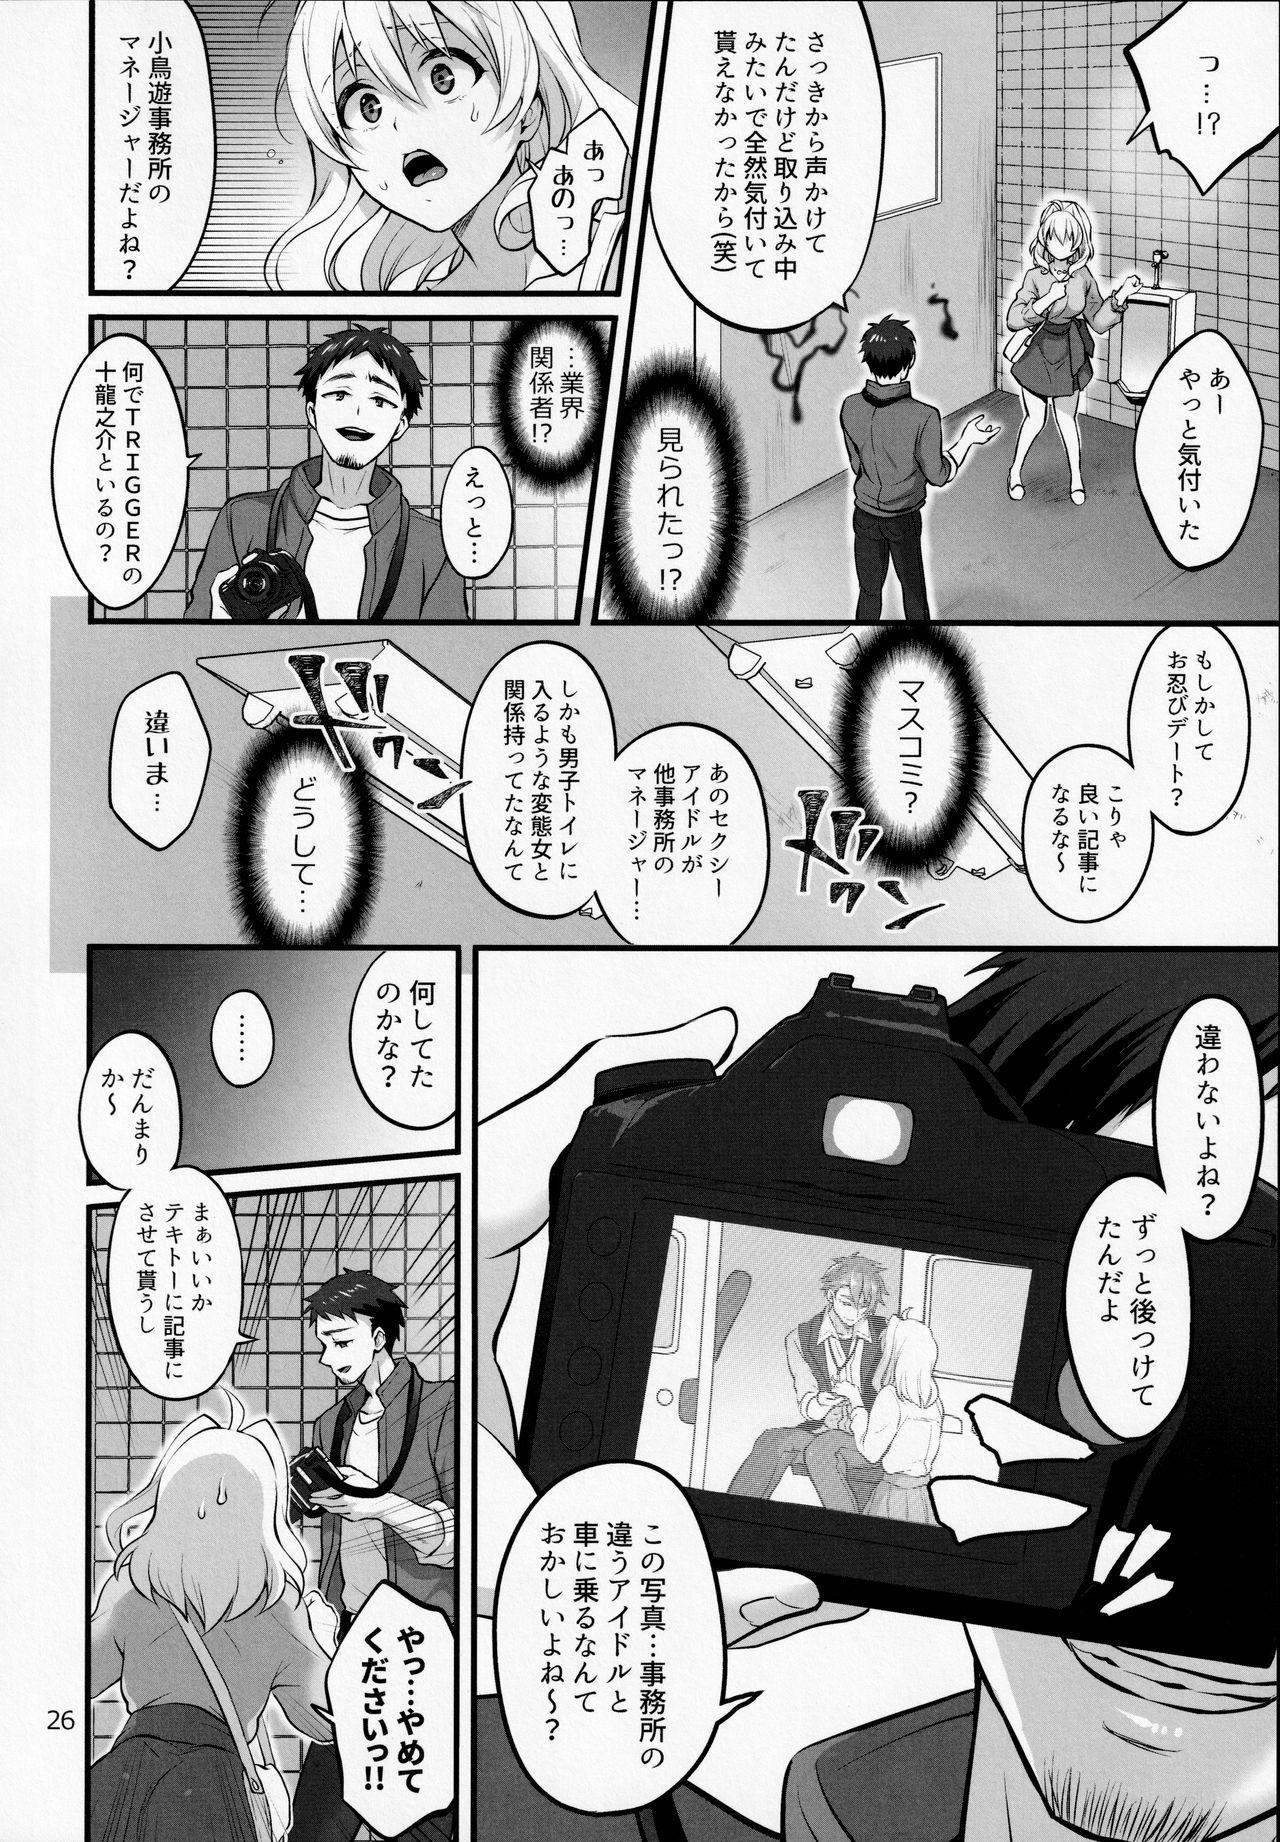 Futanari ni Natte Shimatta Taji Musho Manager no Watashi ga Eroerobiisuto de Wadai no Idol Tsunashi Ryu○suke-san to Himitsu no Shitagi Toreido 24